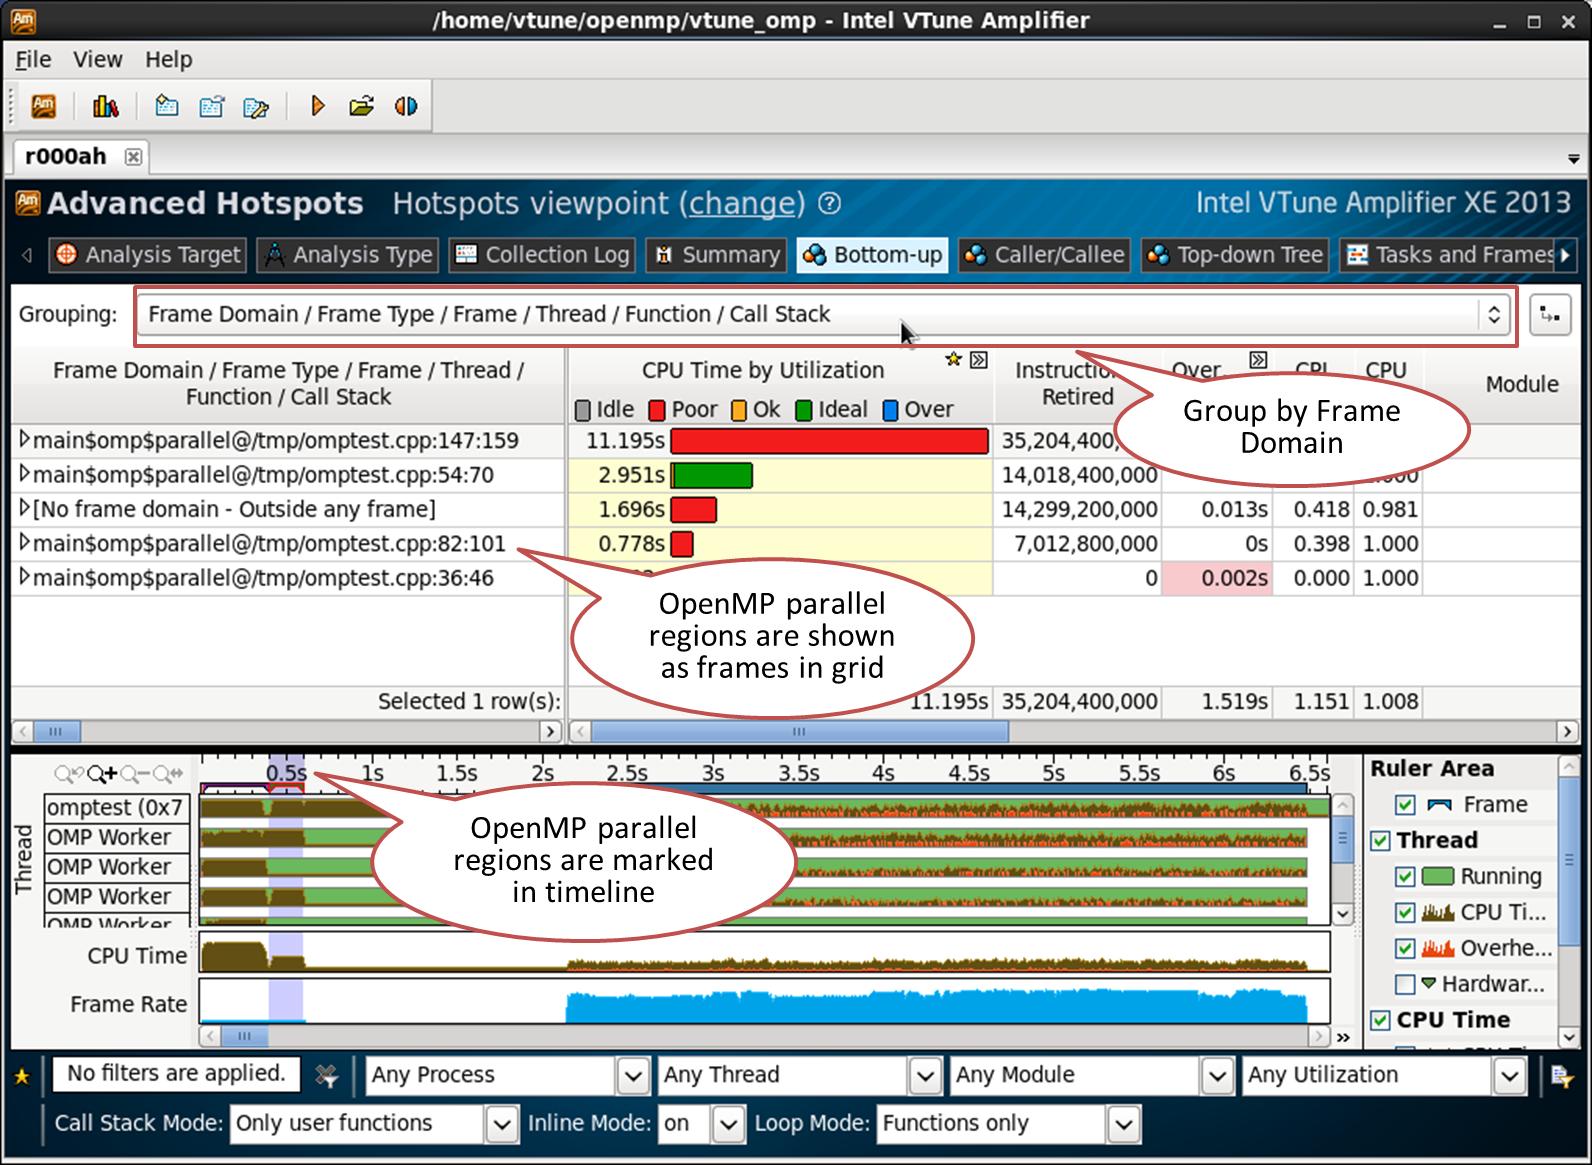 インテル® VTune™ Amplifier XE で OpenMP* アプリケーションをプロファイルする